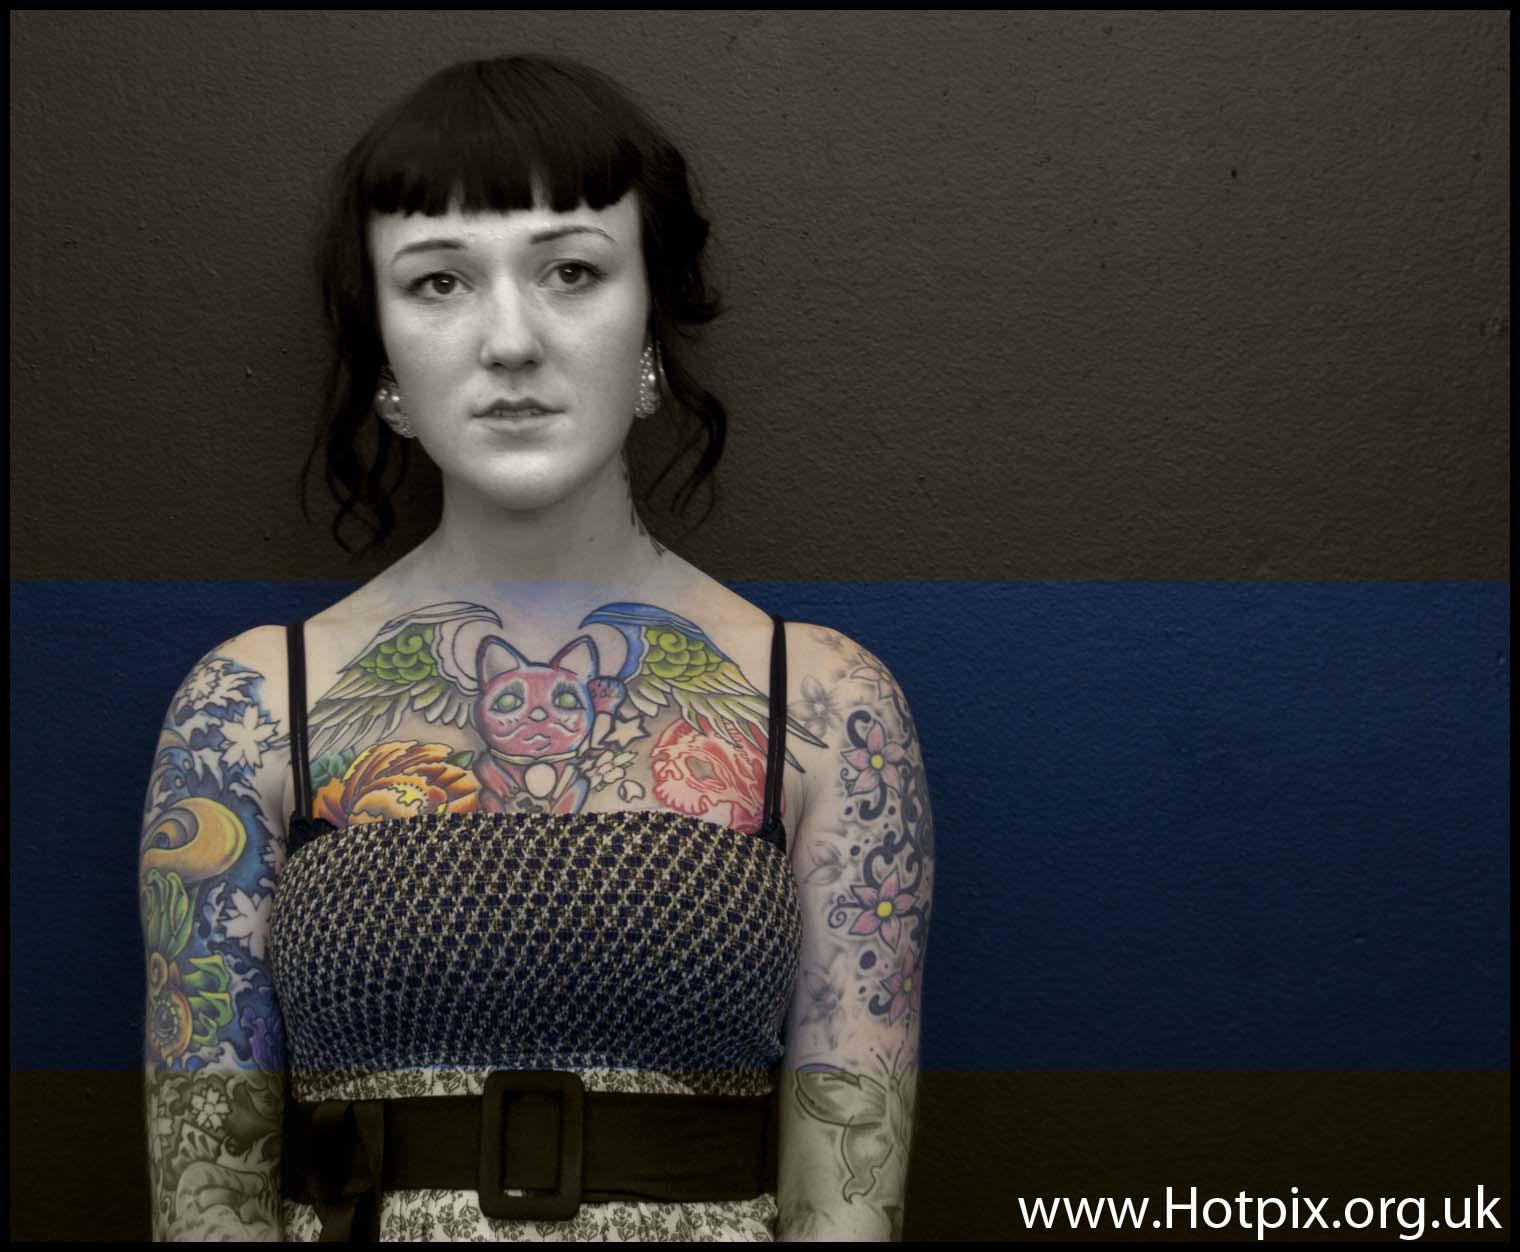 girl,tat2,tats,tattoo,tatoo,tatto,ink,skin,tony,smith,hotpix,tonysmith,hot,pics,picks,hotpics,selective,colour,sepia,cat,woman,female,sexy,lady,#tonysmithhotpix,#tonysmithotpix